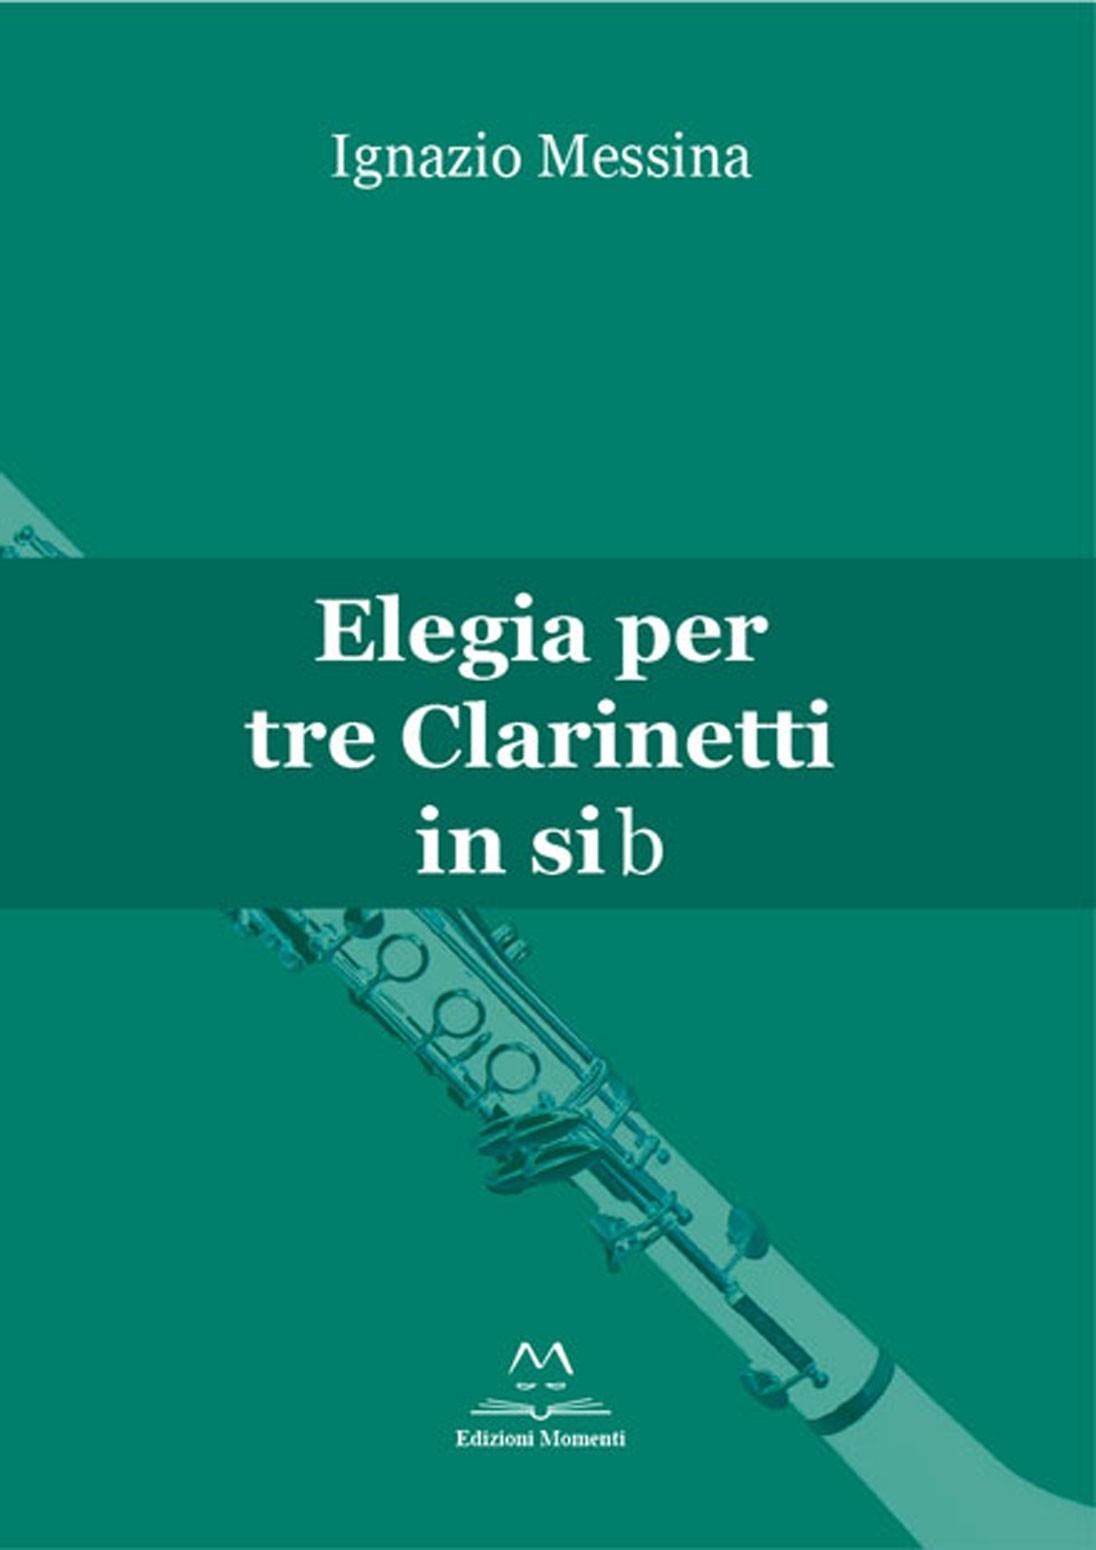 Elegia per tre clarinetti in sib di Ignazio Messina